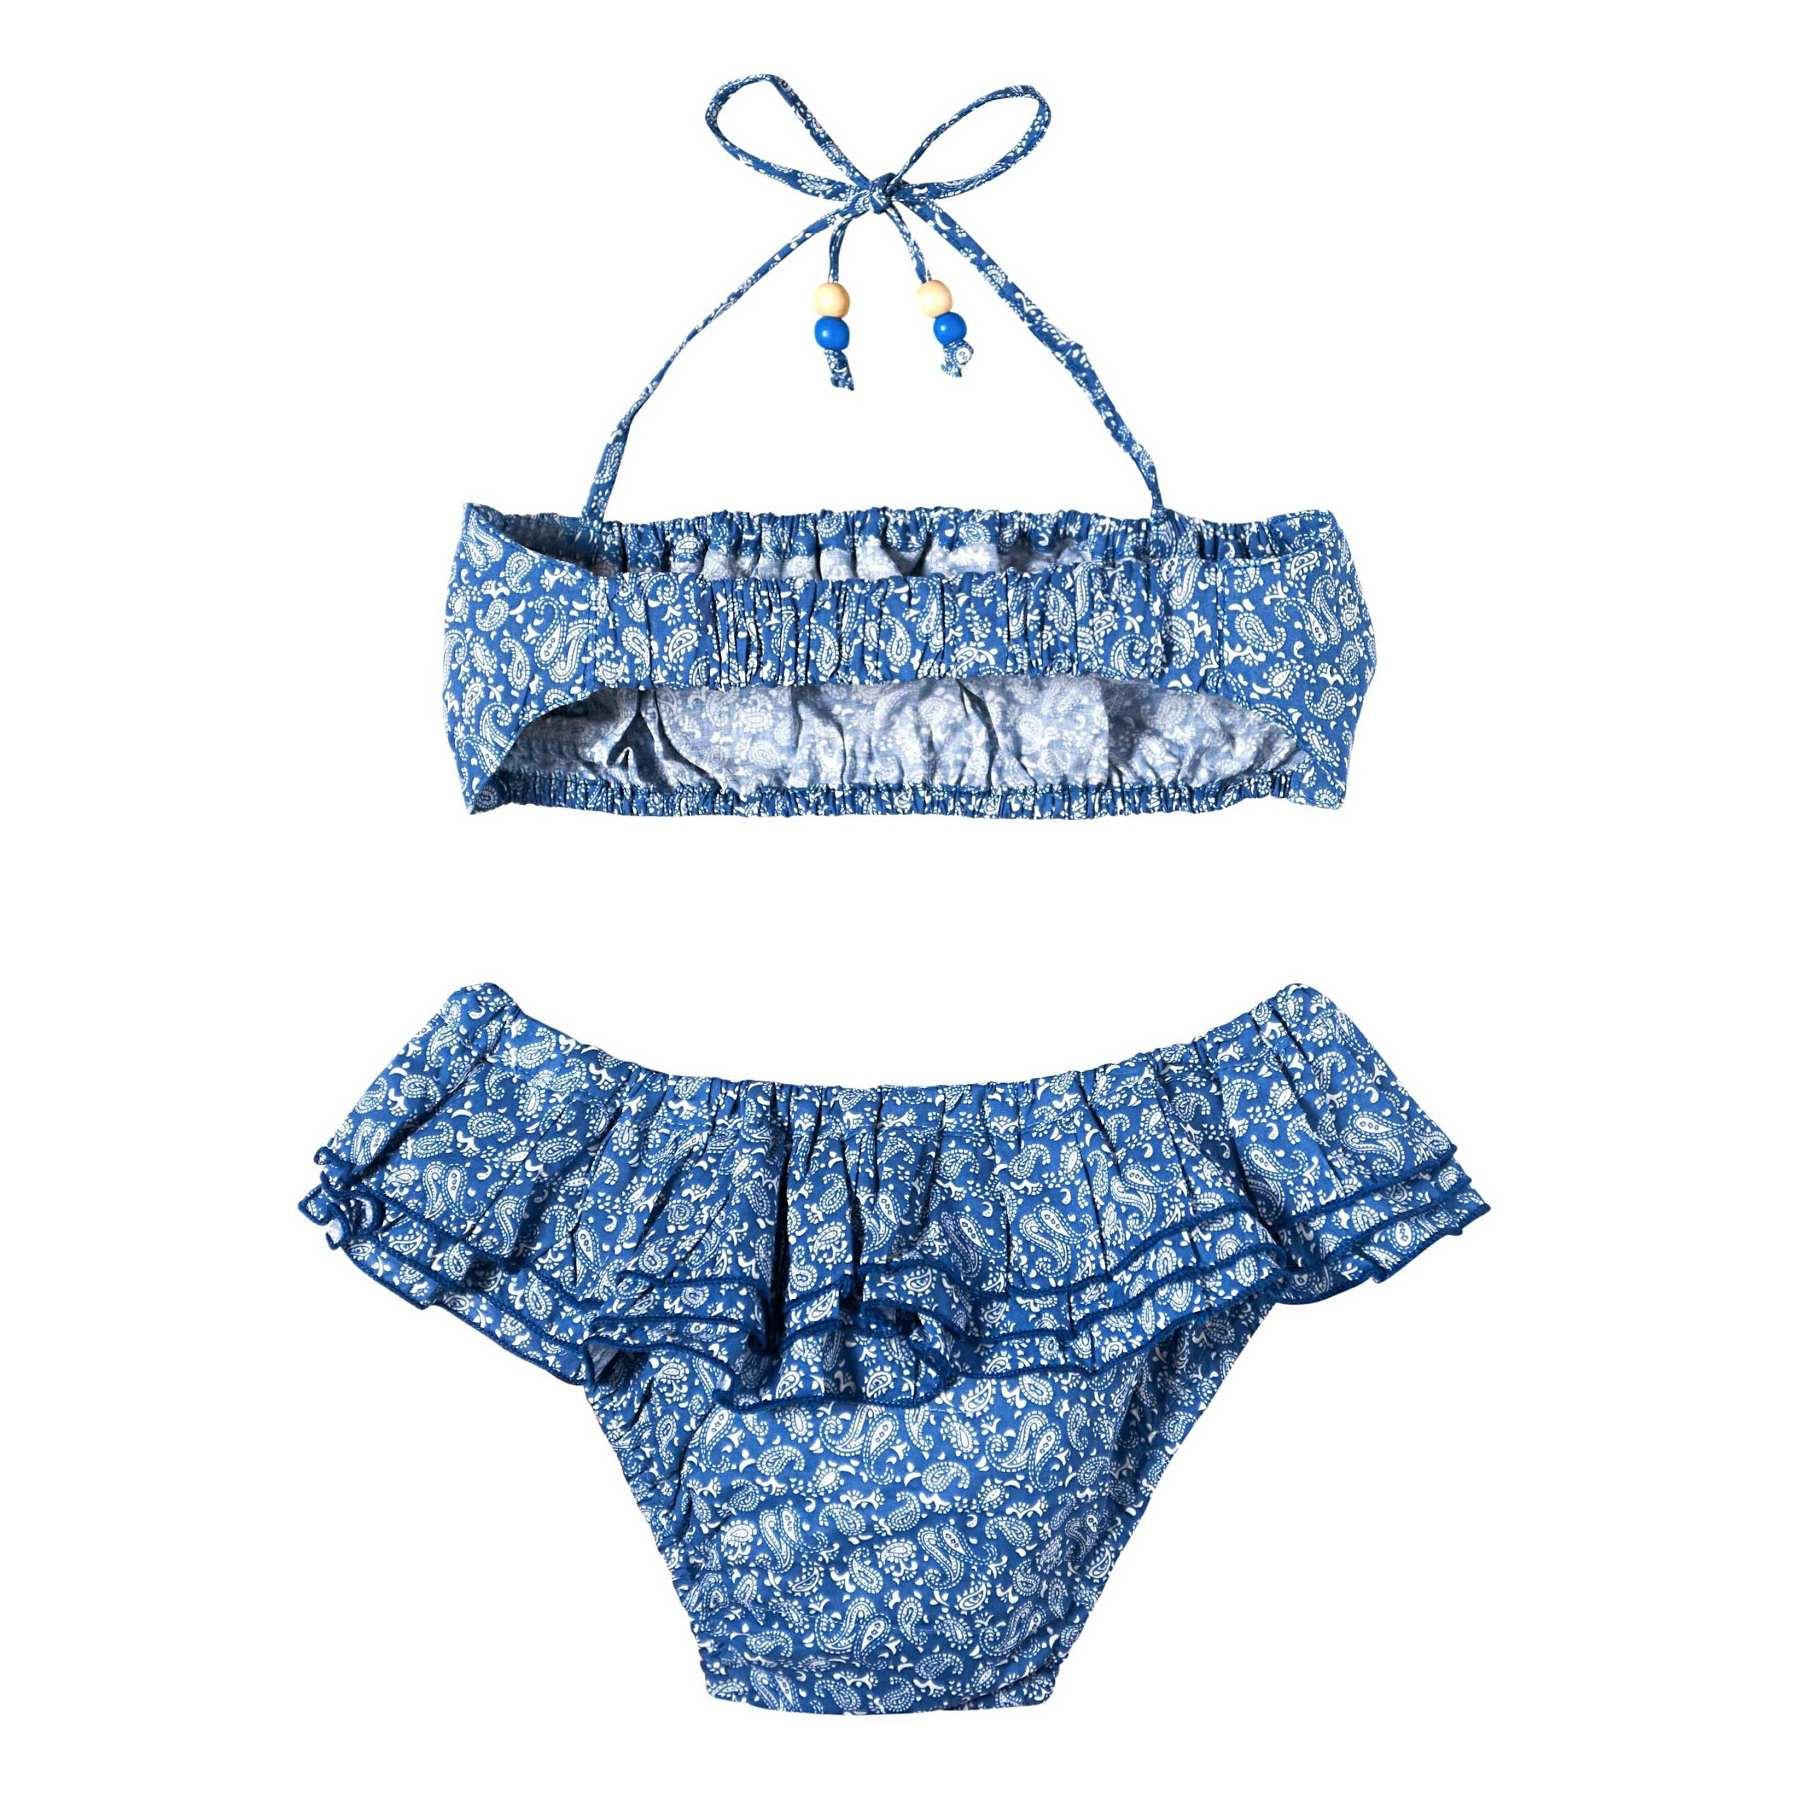 Maillot bikini plage 2 pièces à volants pour petites fille imprimé cachemire bleu marine et blanc pour filles